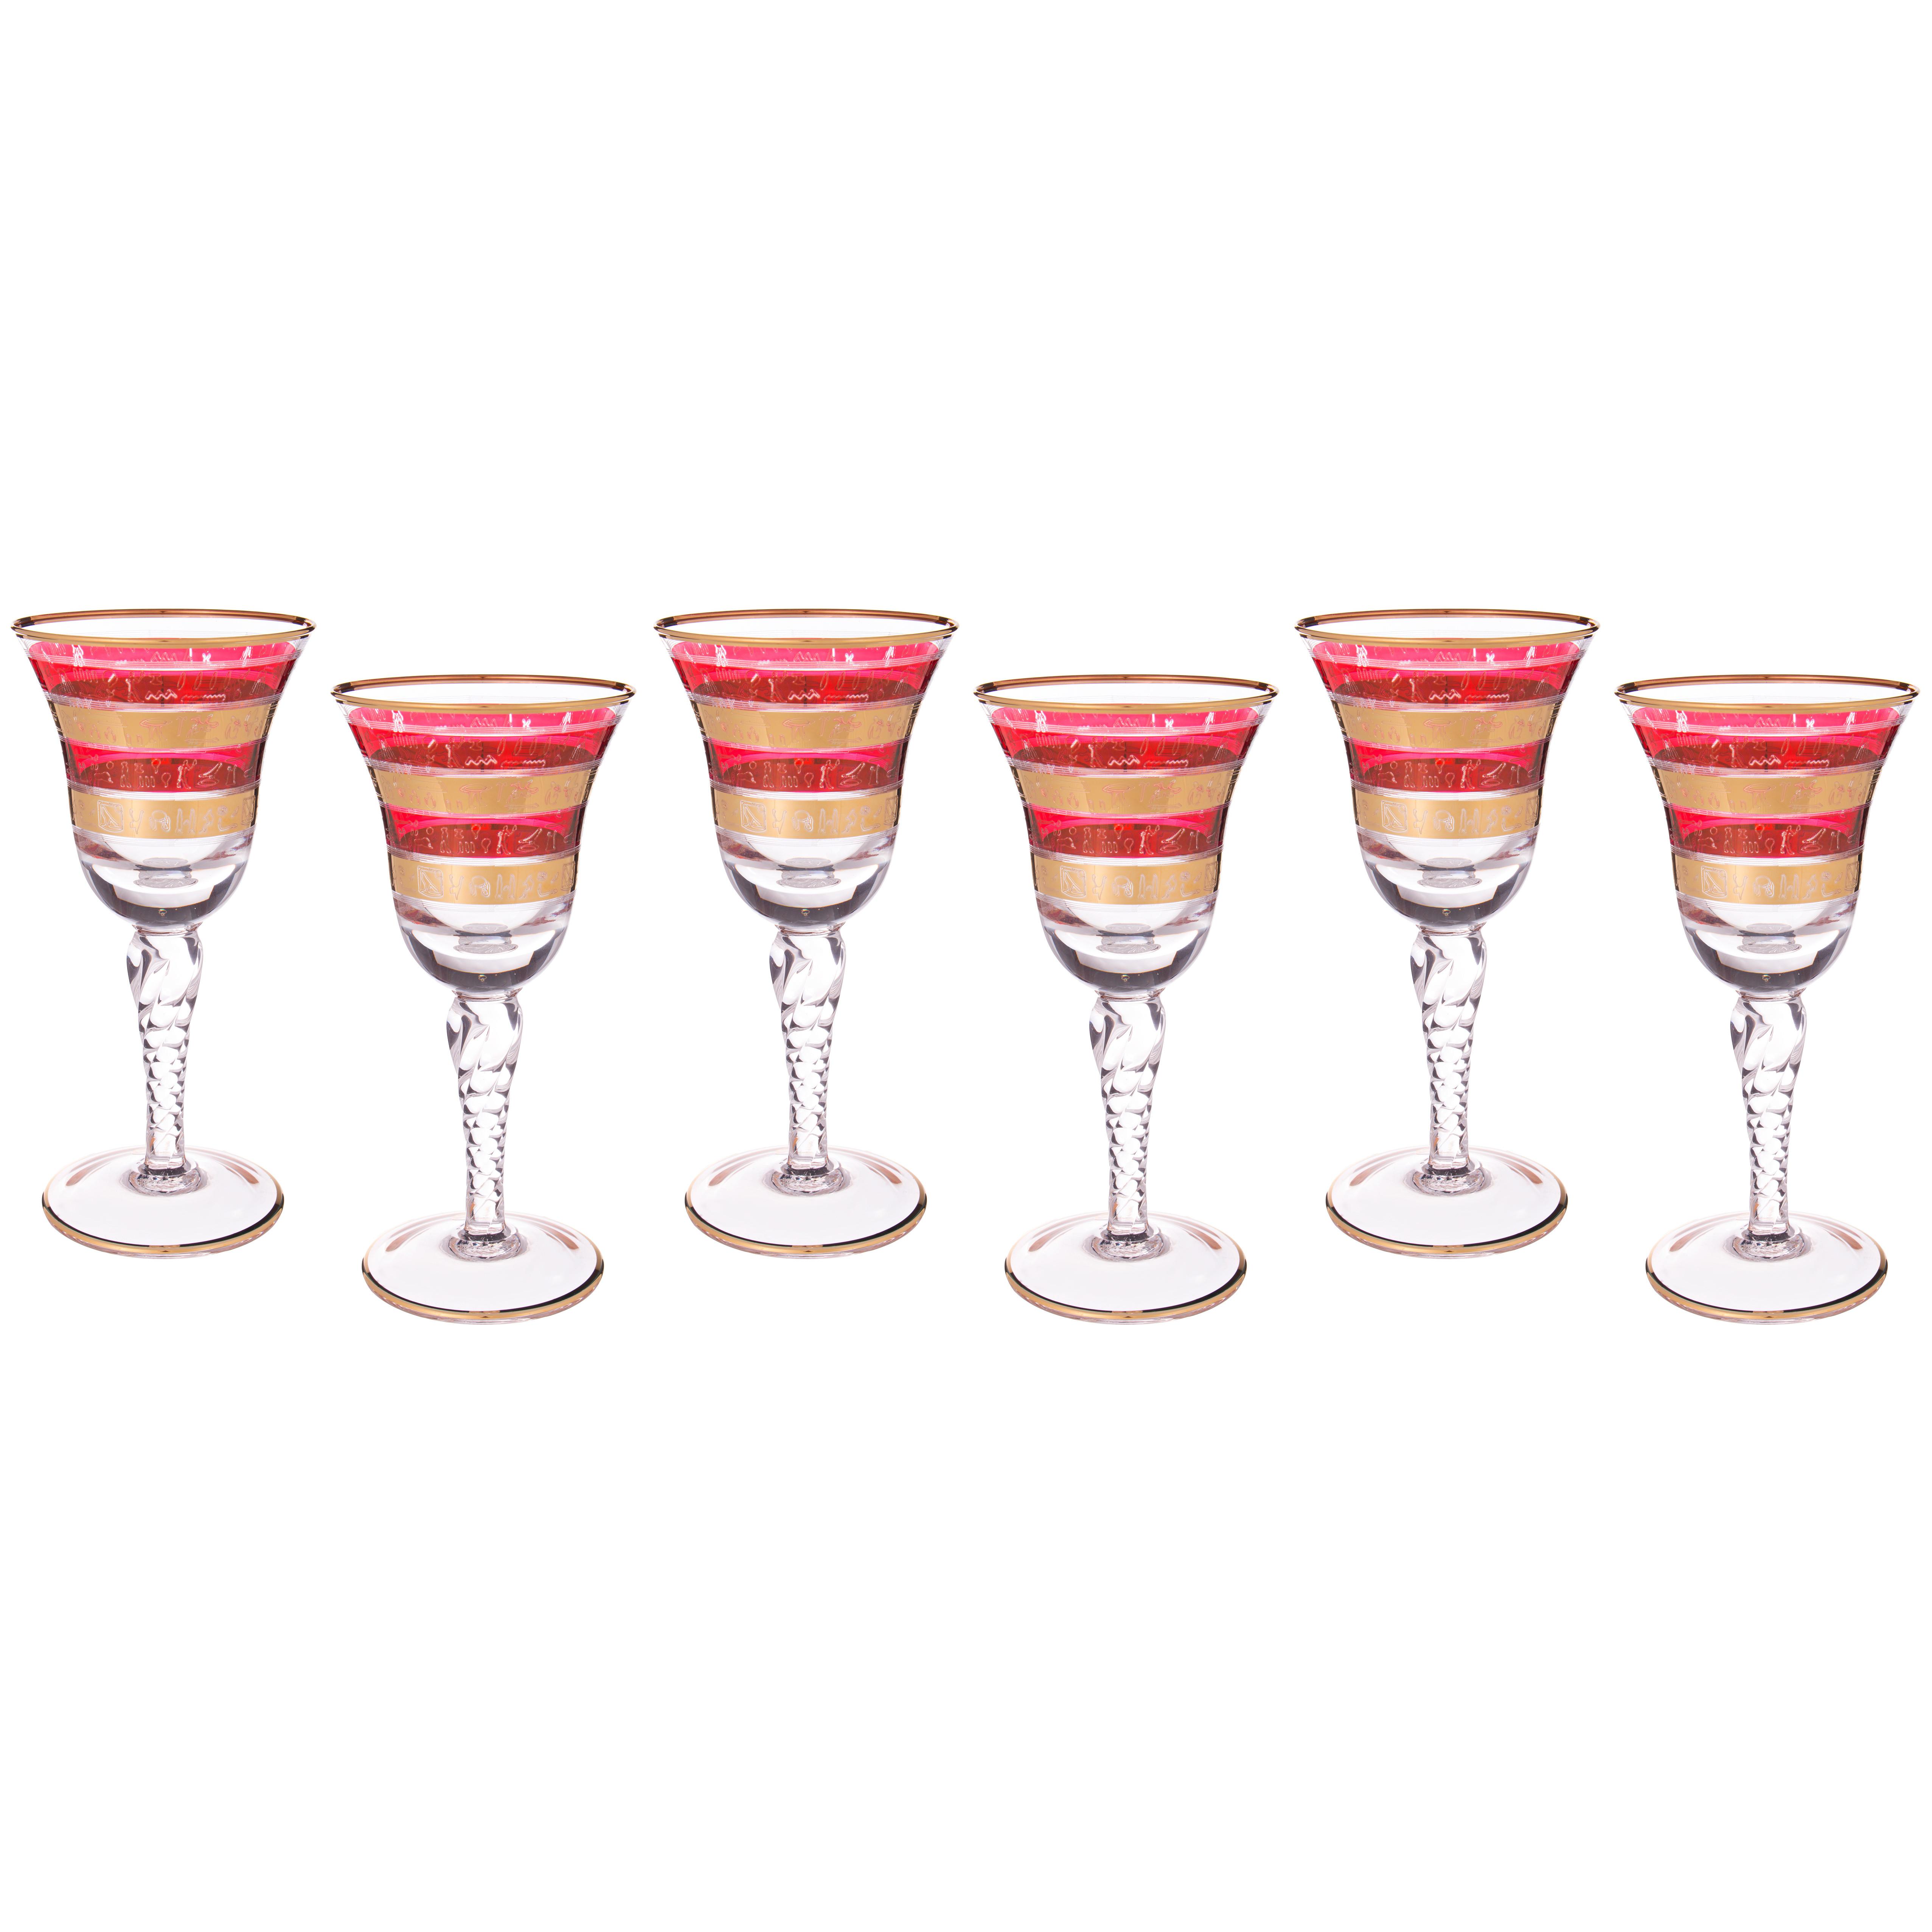 {} Same Набор бокалов для вина Vonnie (250 мл - 6 шт) набор бокалов для бренди коралл 40600 q8105 400 анжела